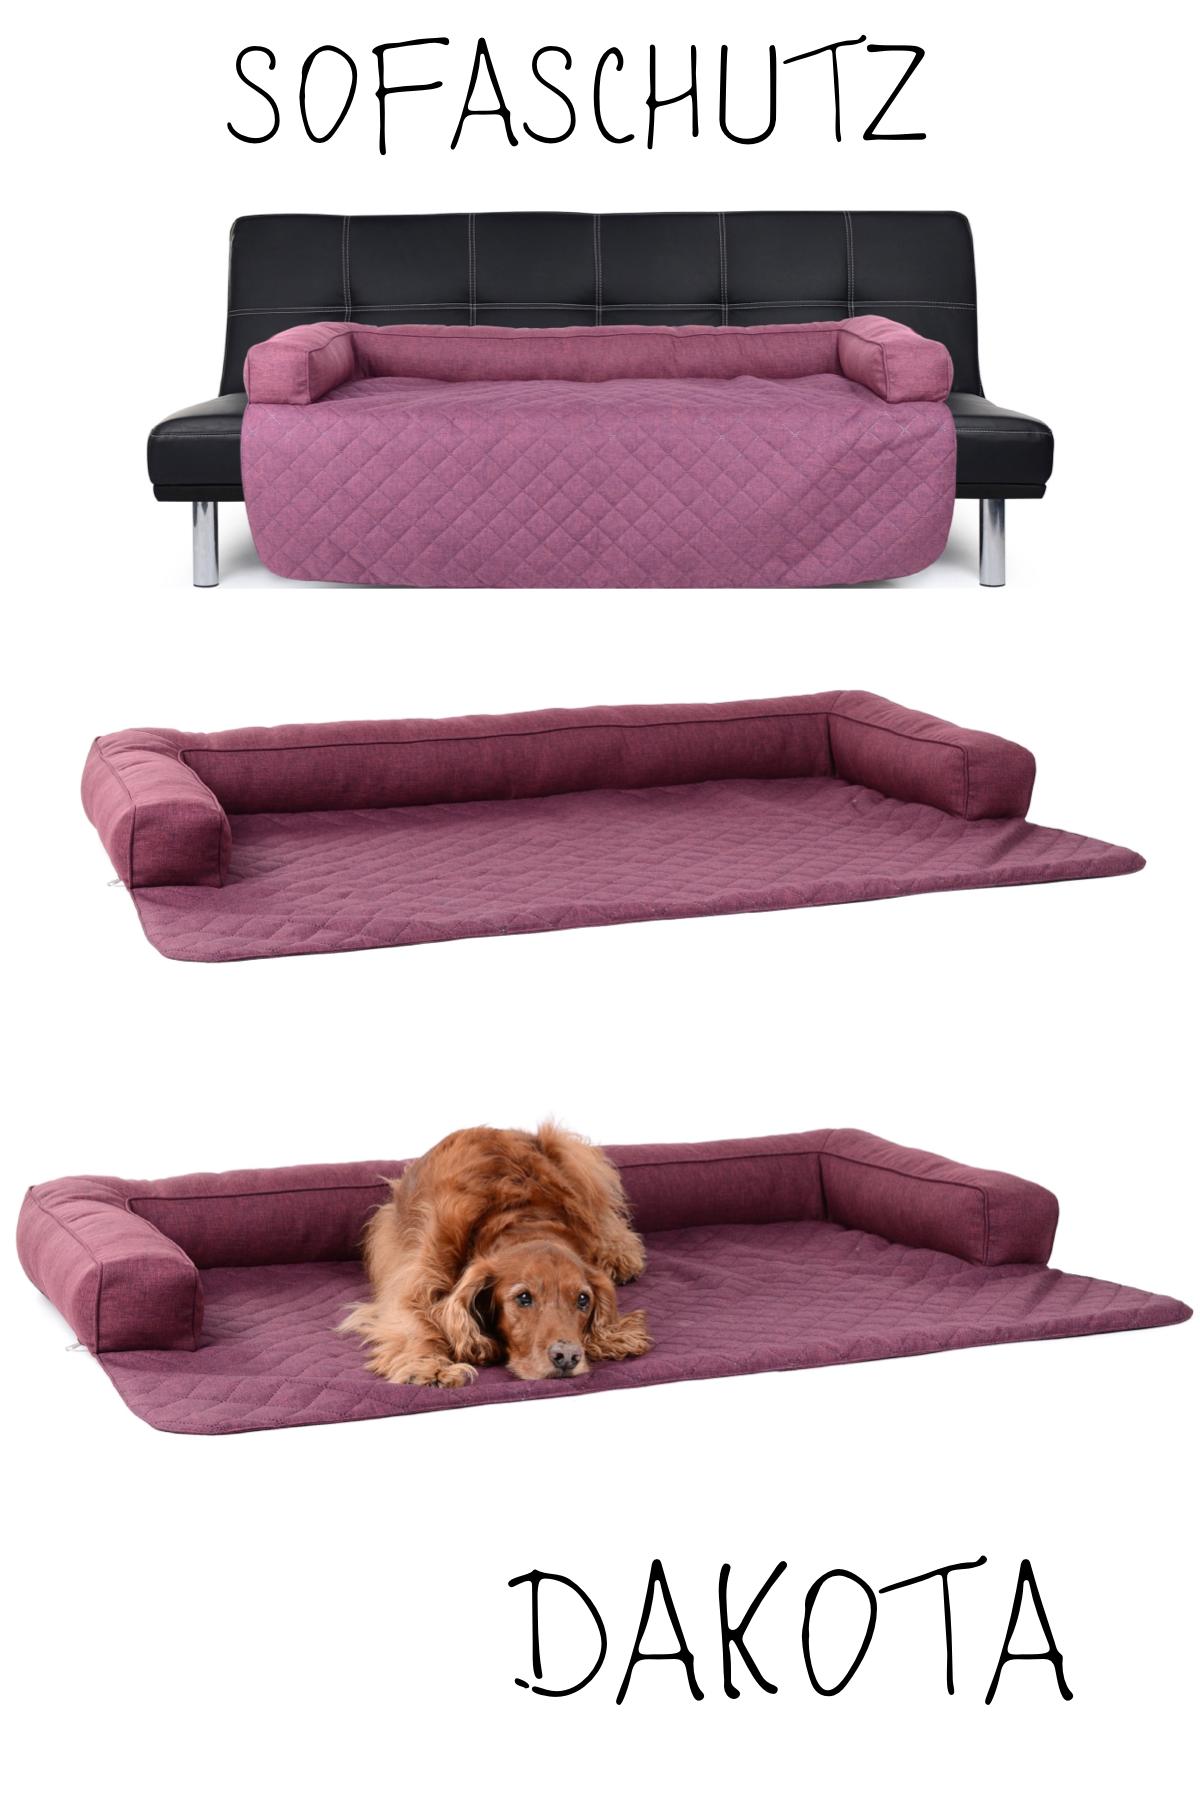 Hunde Sofaschutz Decke Dakota Softline 100x100 Cm Violett Hundeprodukte Sofaschutz Hund Sofa